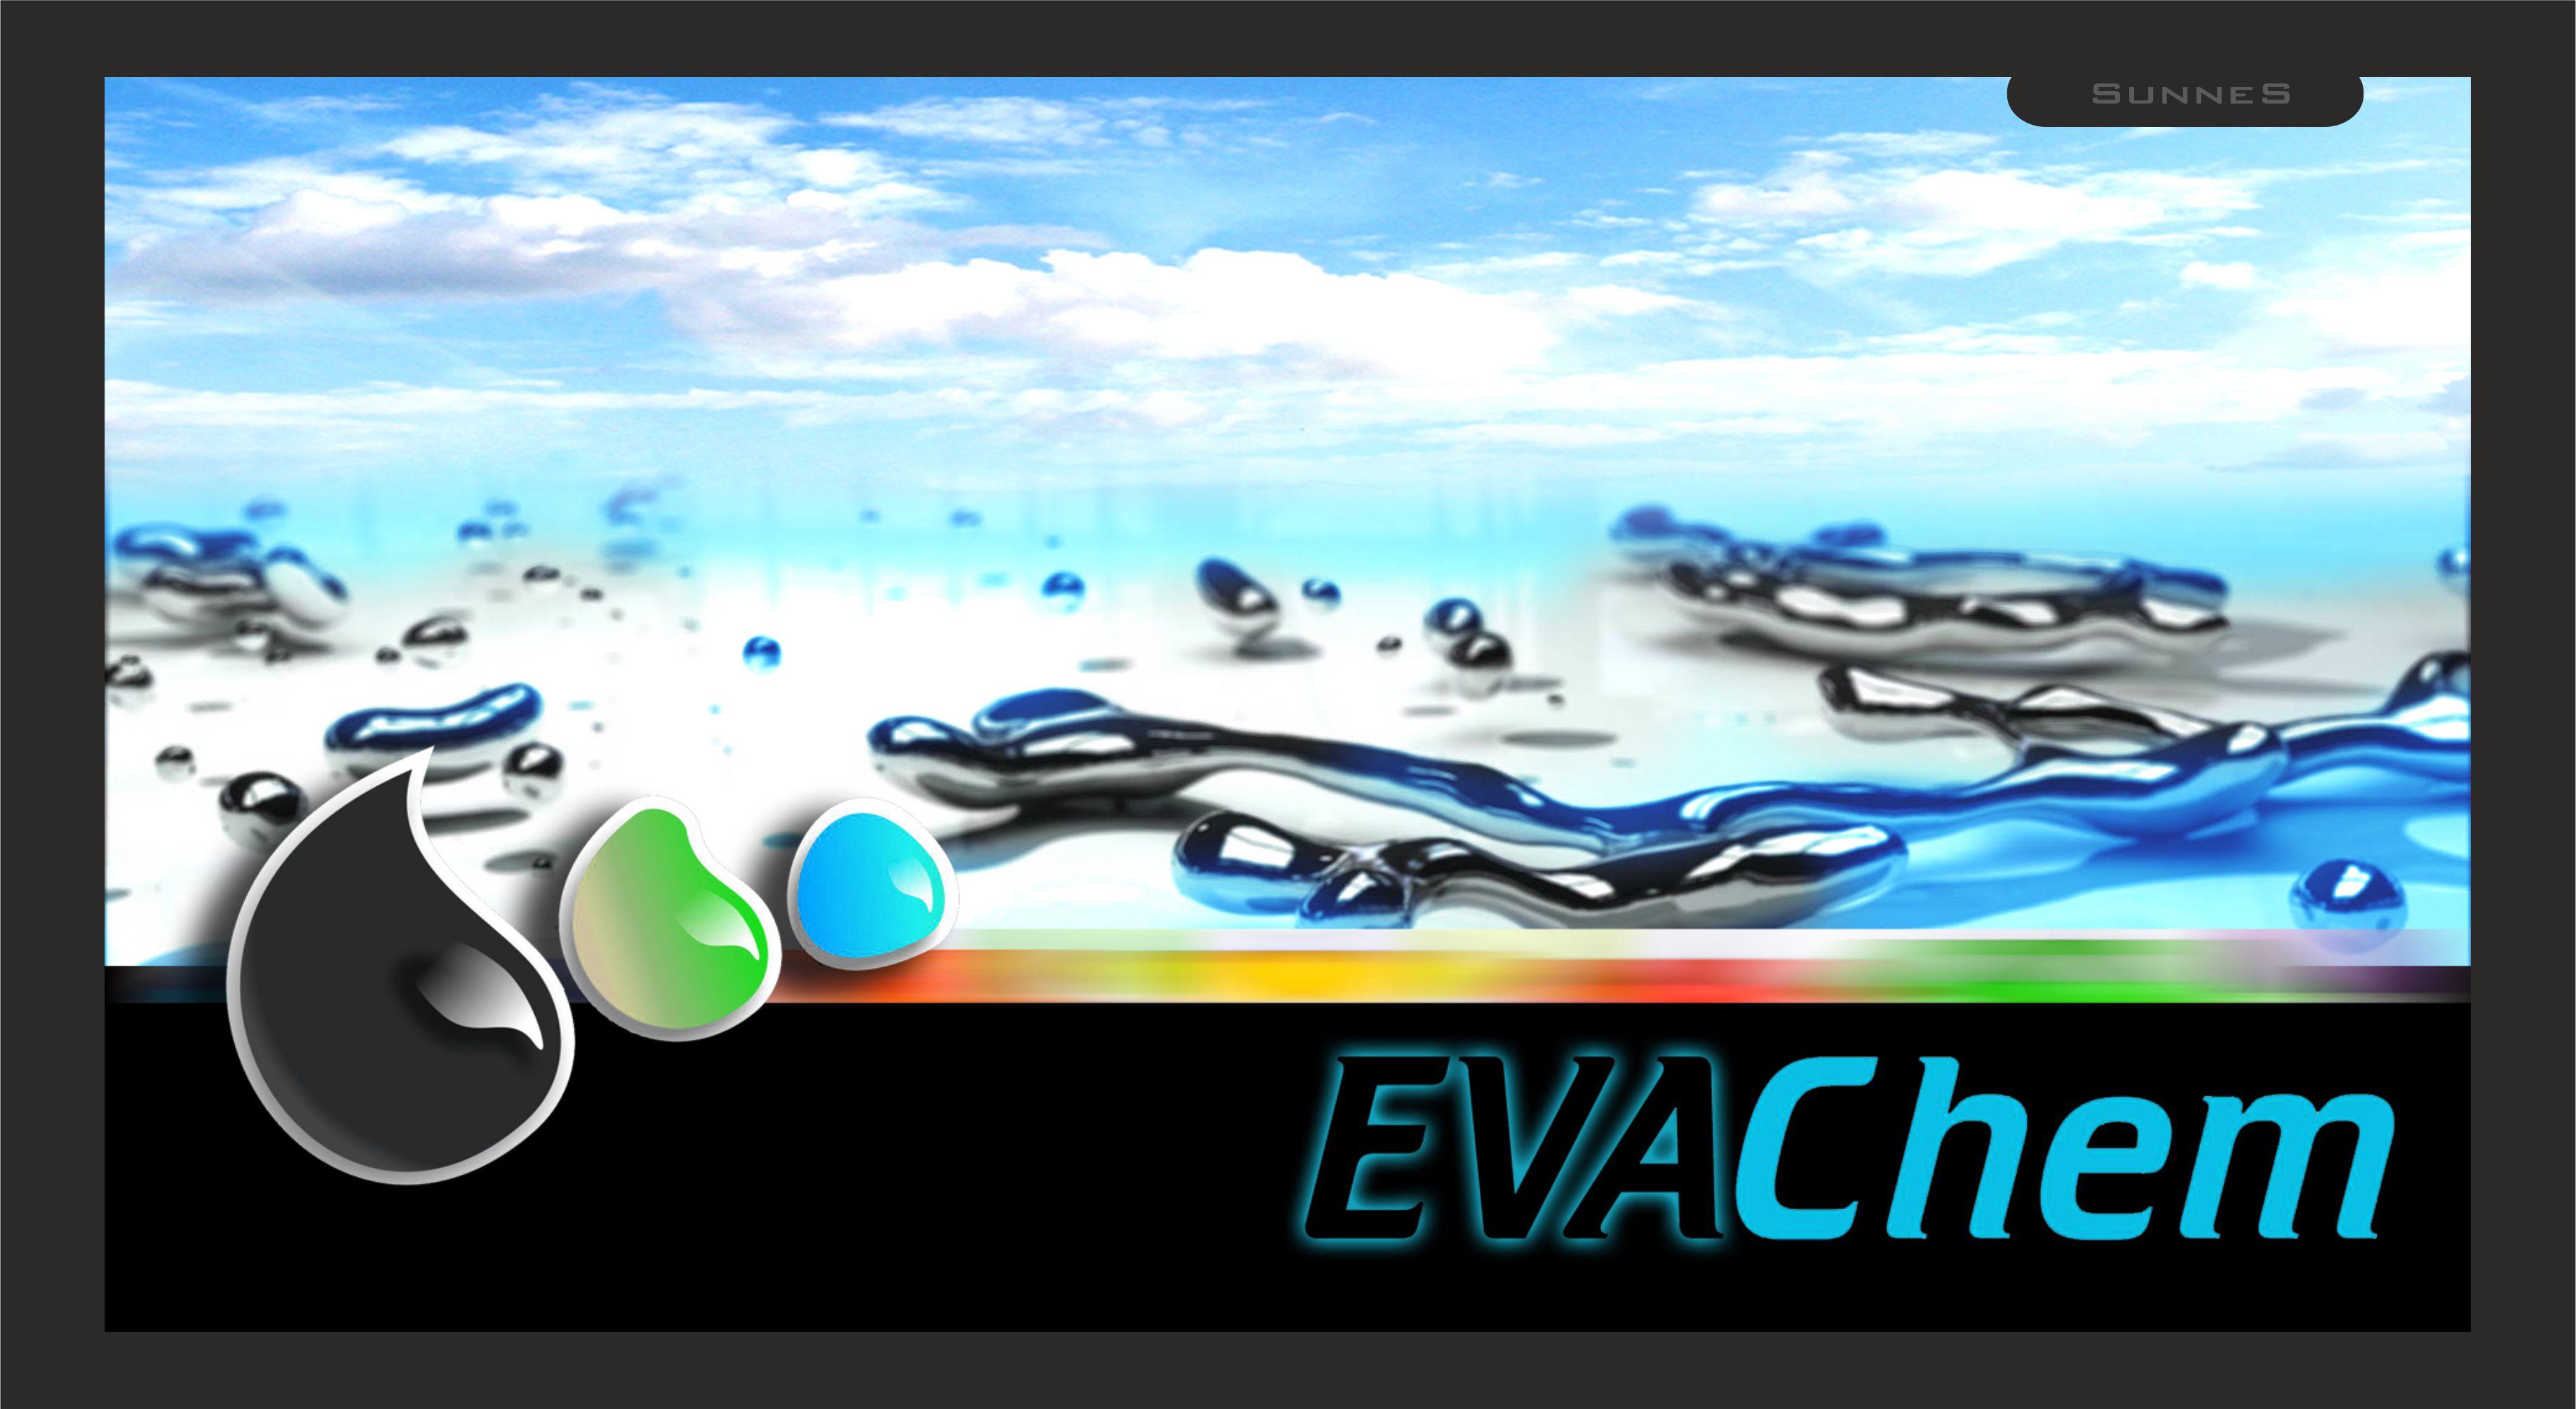 Разработка логотипа и фирменного стиля компании фото f_526572a2749d2ad9.jpg